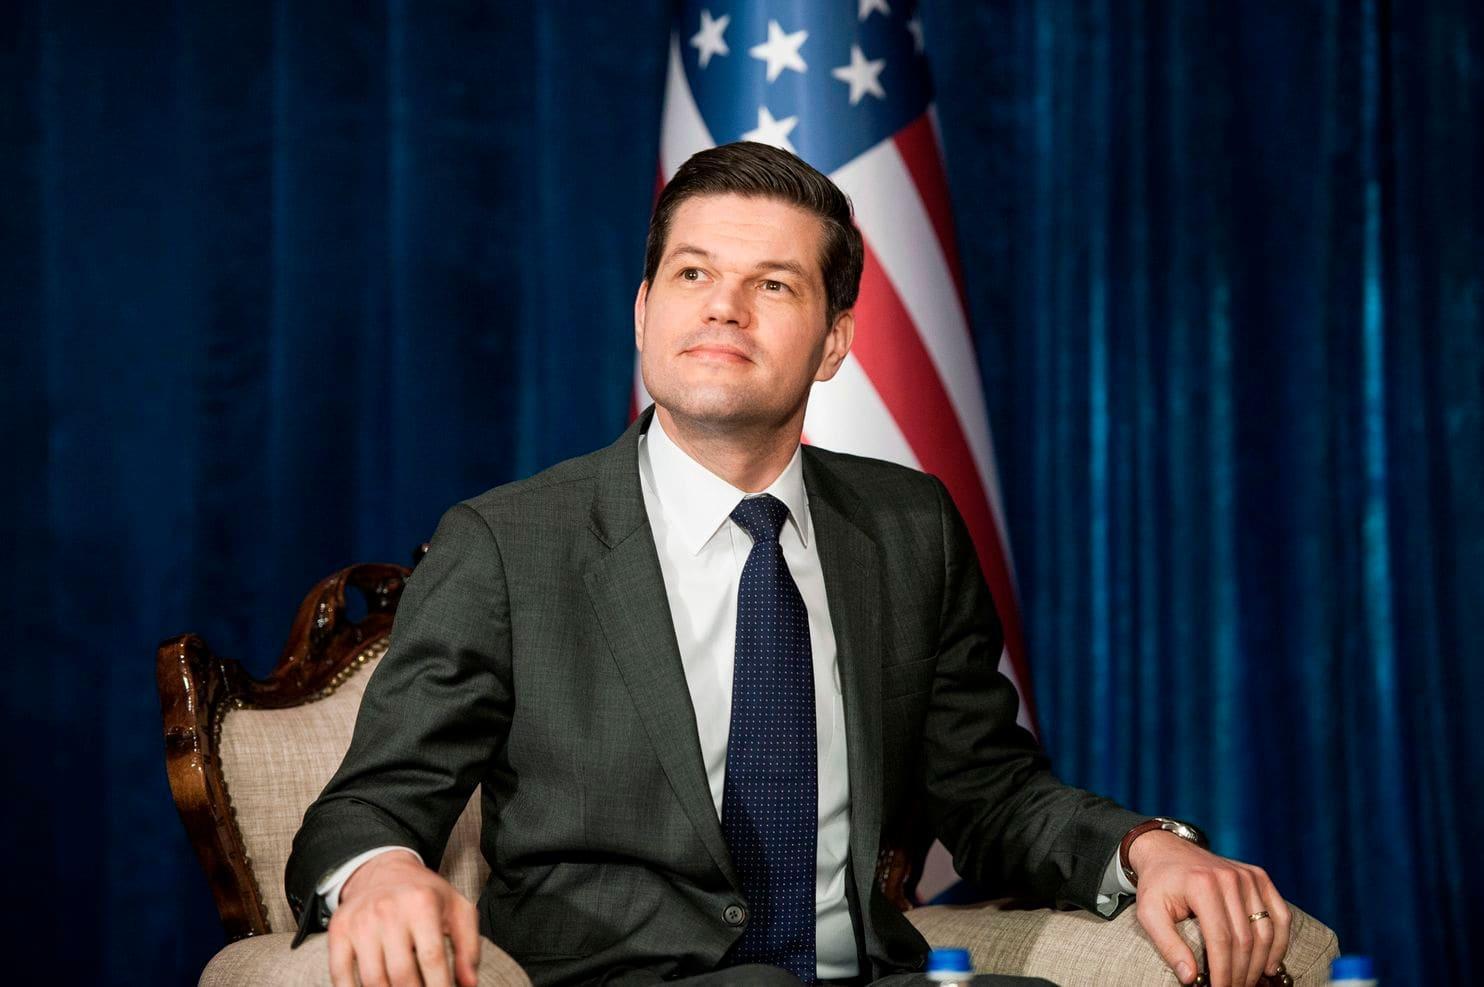 معاون وزیر خارجه آمریکا استعفا کرد